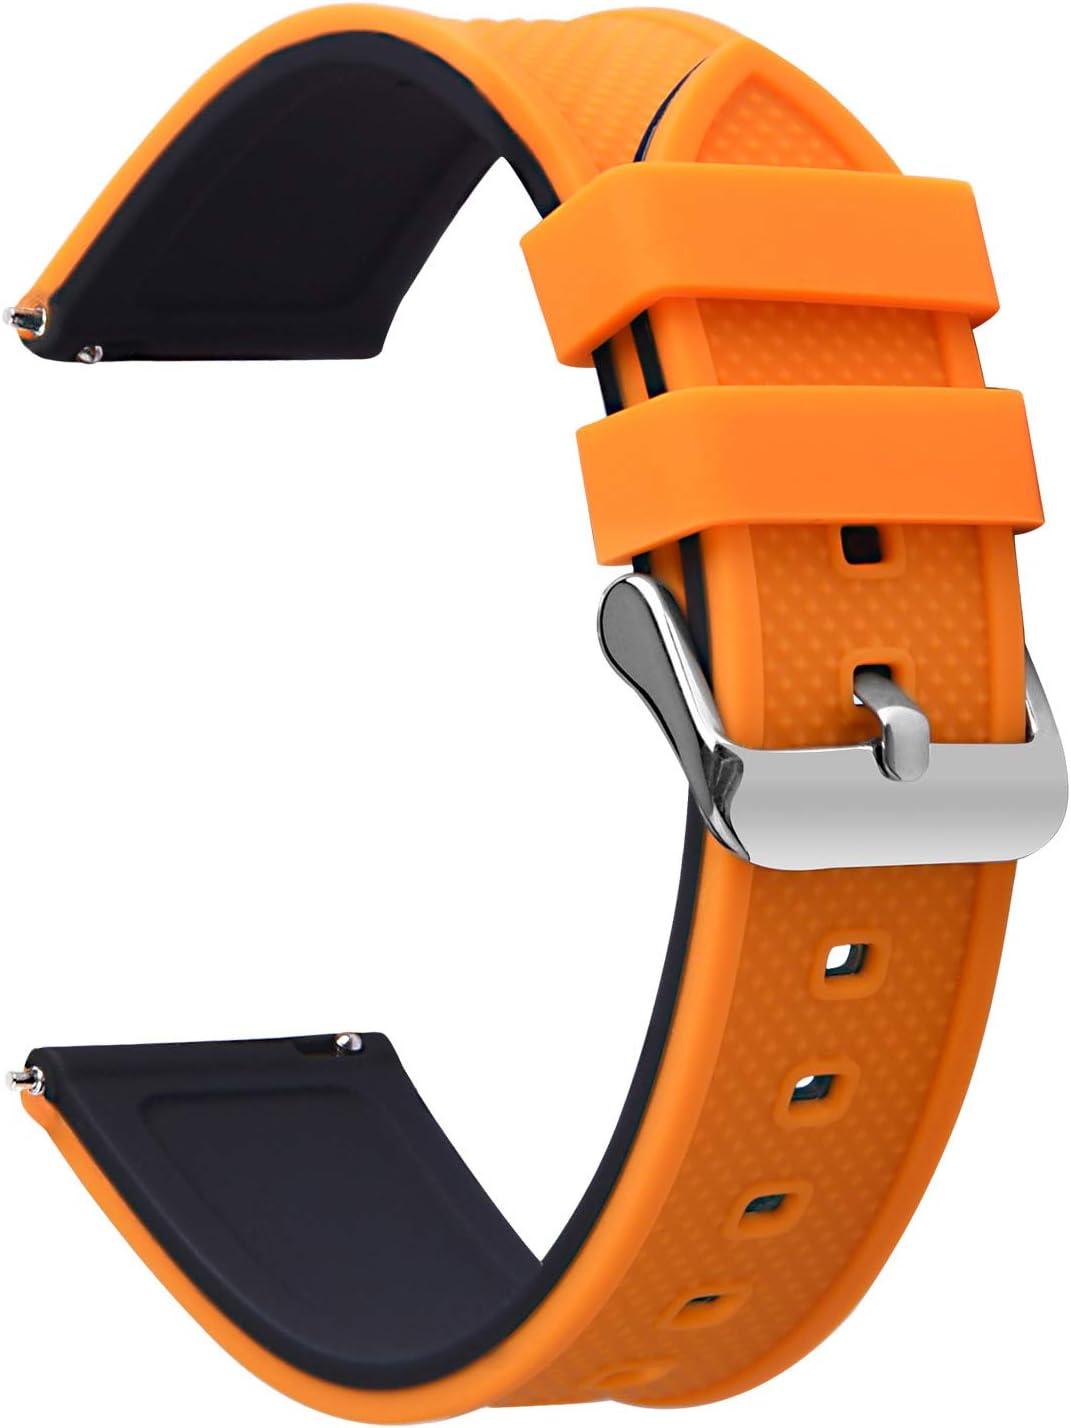 Fullmosa 8 Colores Correa de Reloj de Silicona de Liberación Rápida, Pulsera de Arco Iris de Goma Suave con Hebilla de Acero Inoxidable 18 mm 20 mm 22 mm 24 mm, Arriba Naranja/Abajo Negro, 20mm